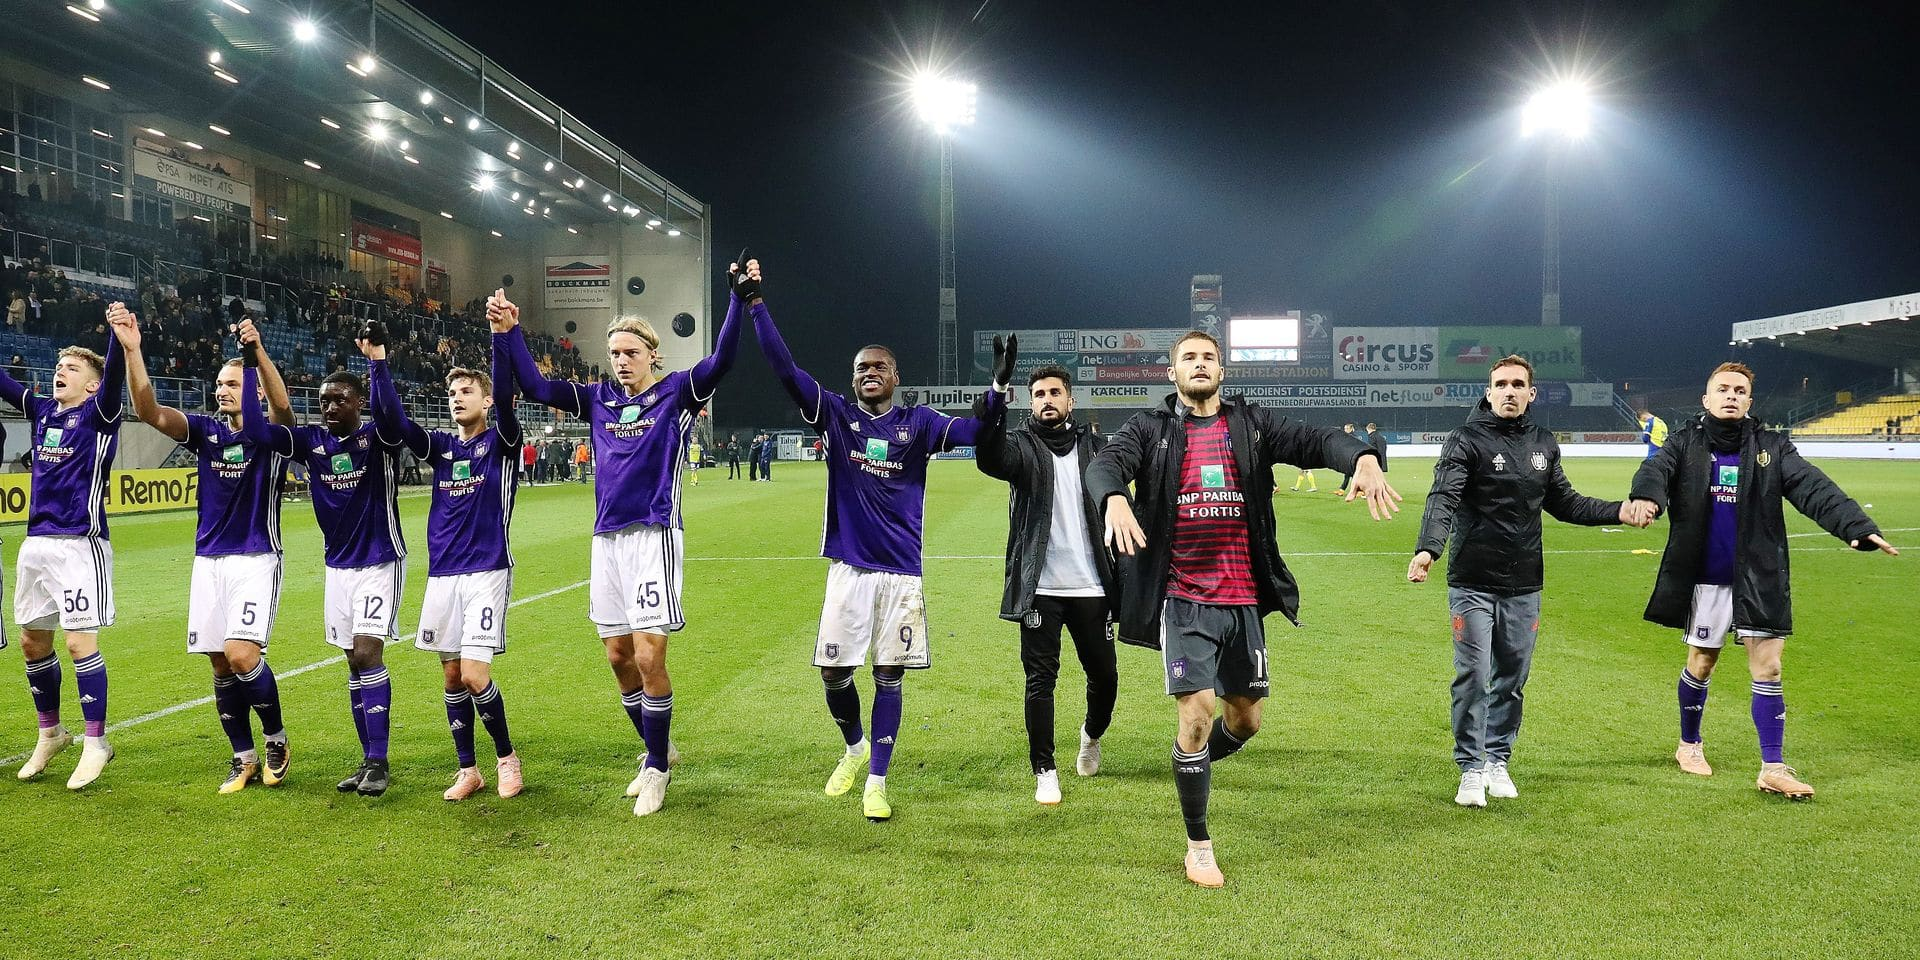 Retour gagnant à un système à 4 défenseurs pour le Sporting face à Waasland-Beveren